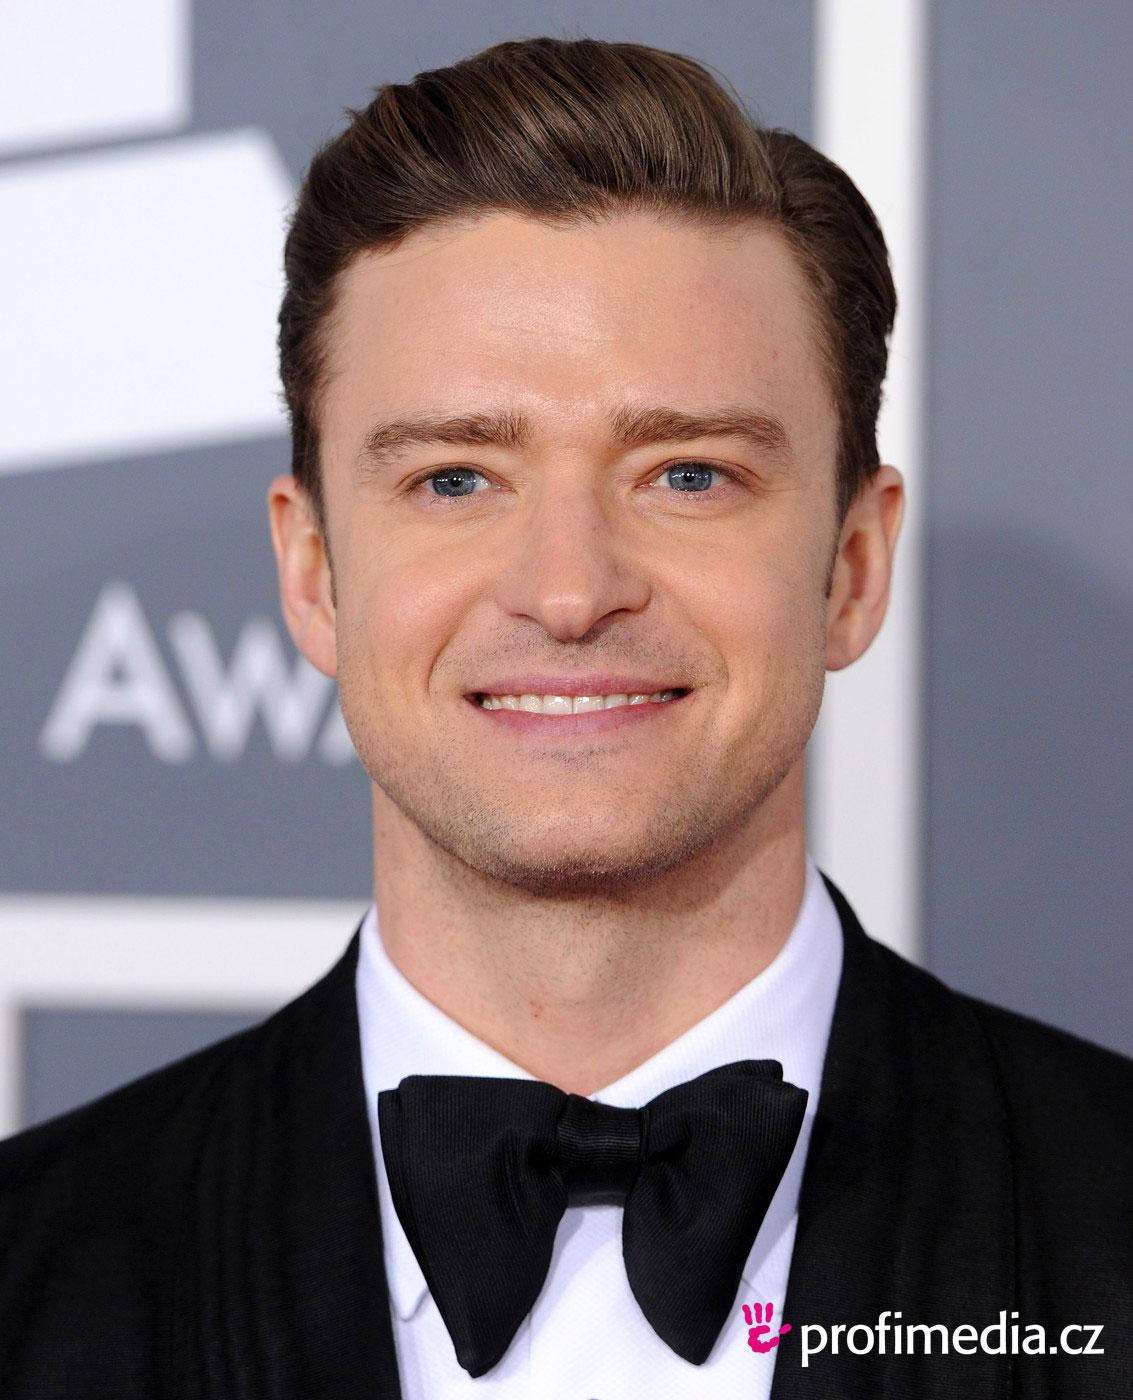 Justin Timberlake Frisur Zum Ausprobieren In EFrisuren